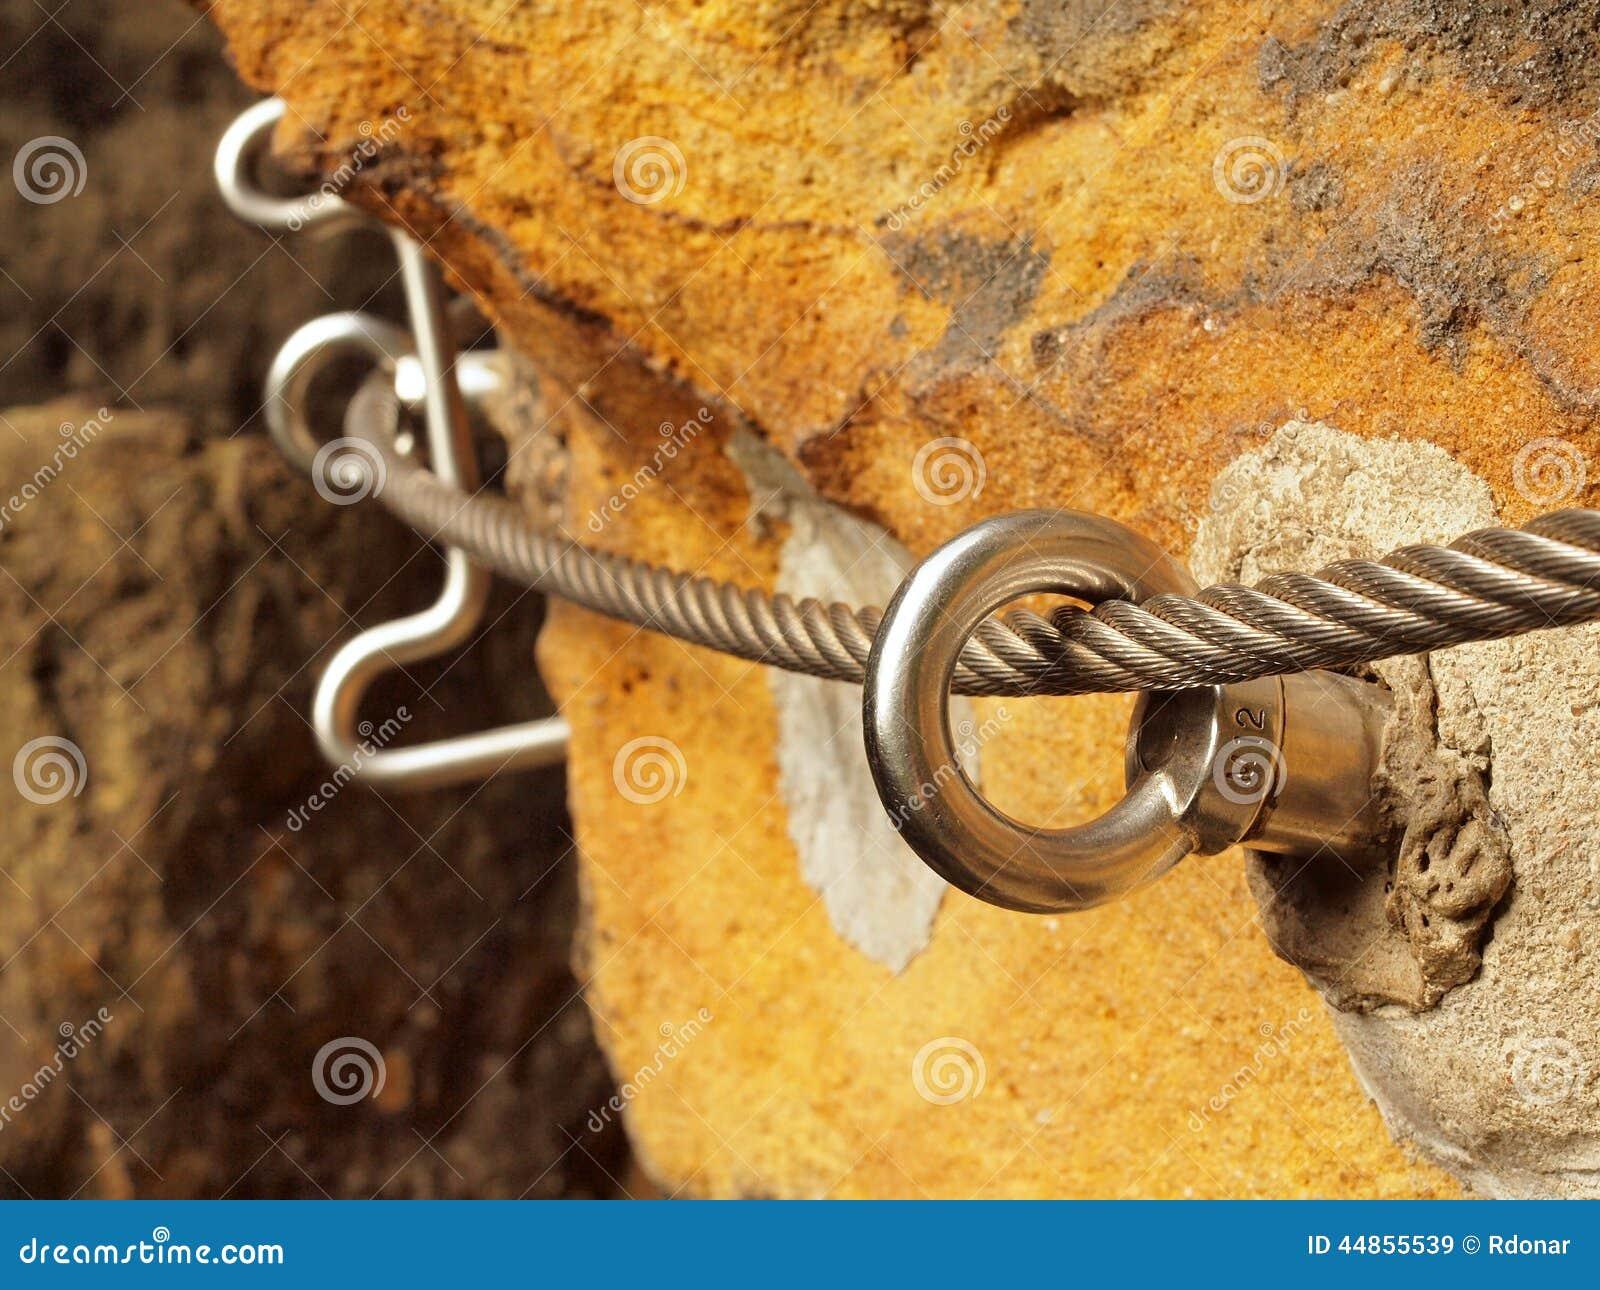 hook up screws